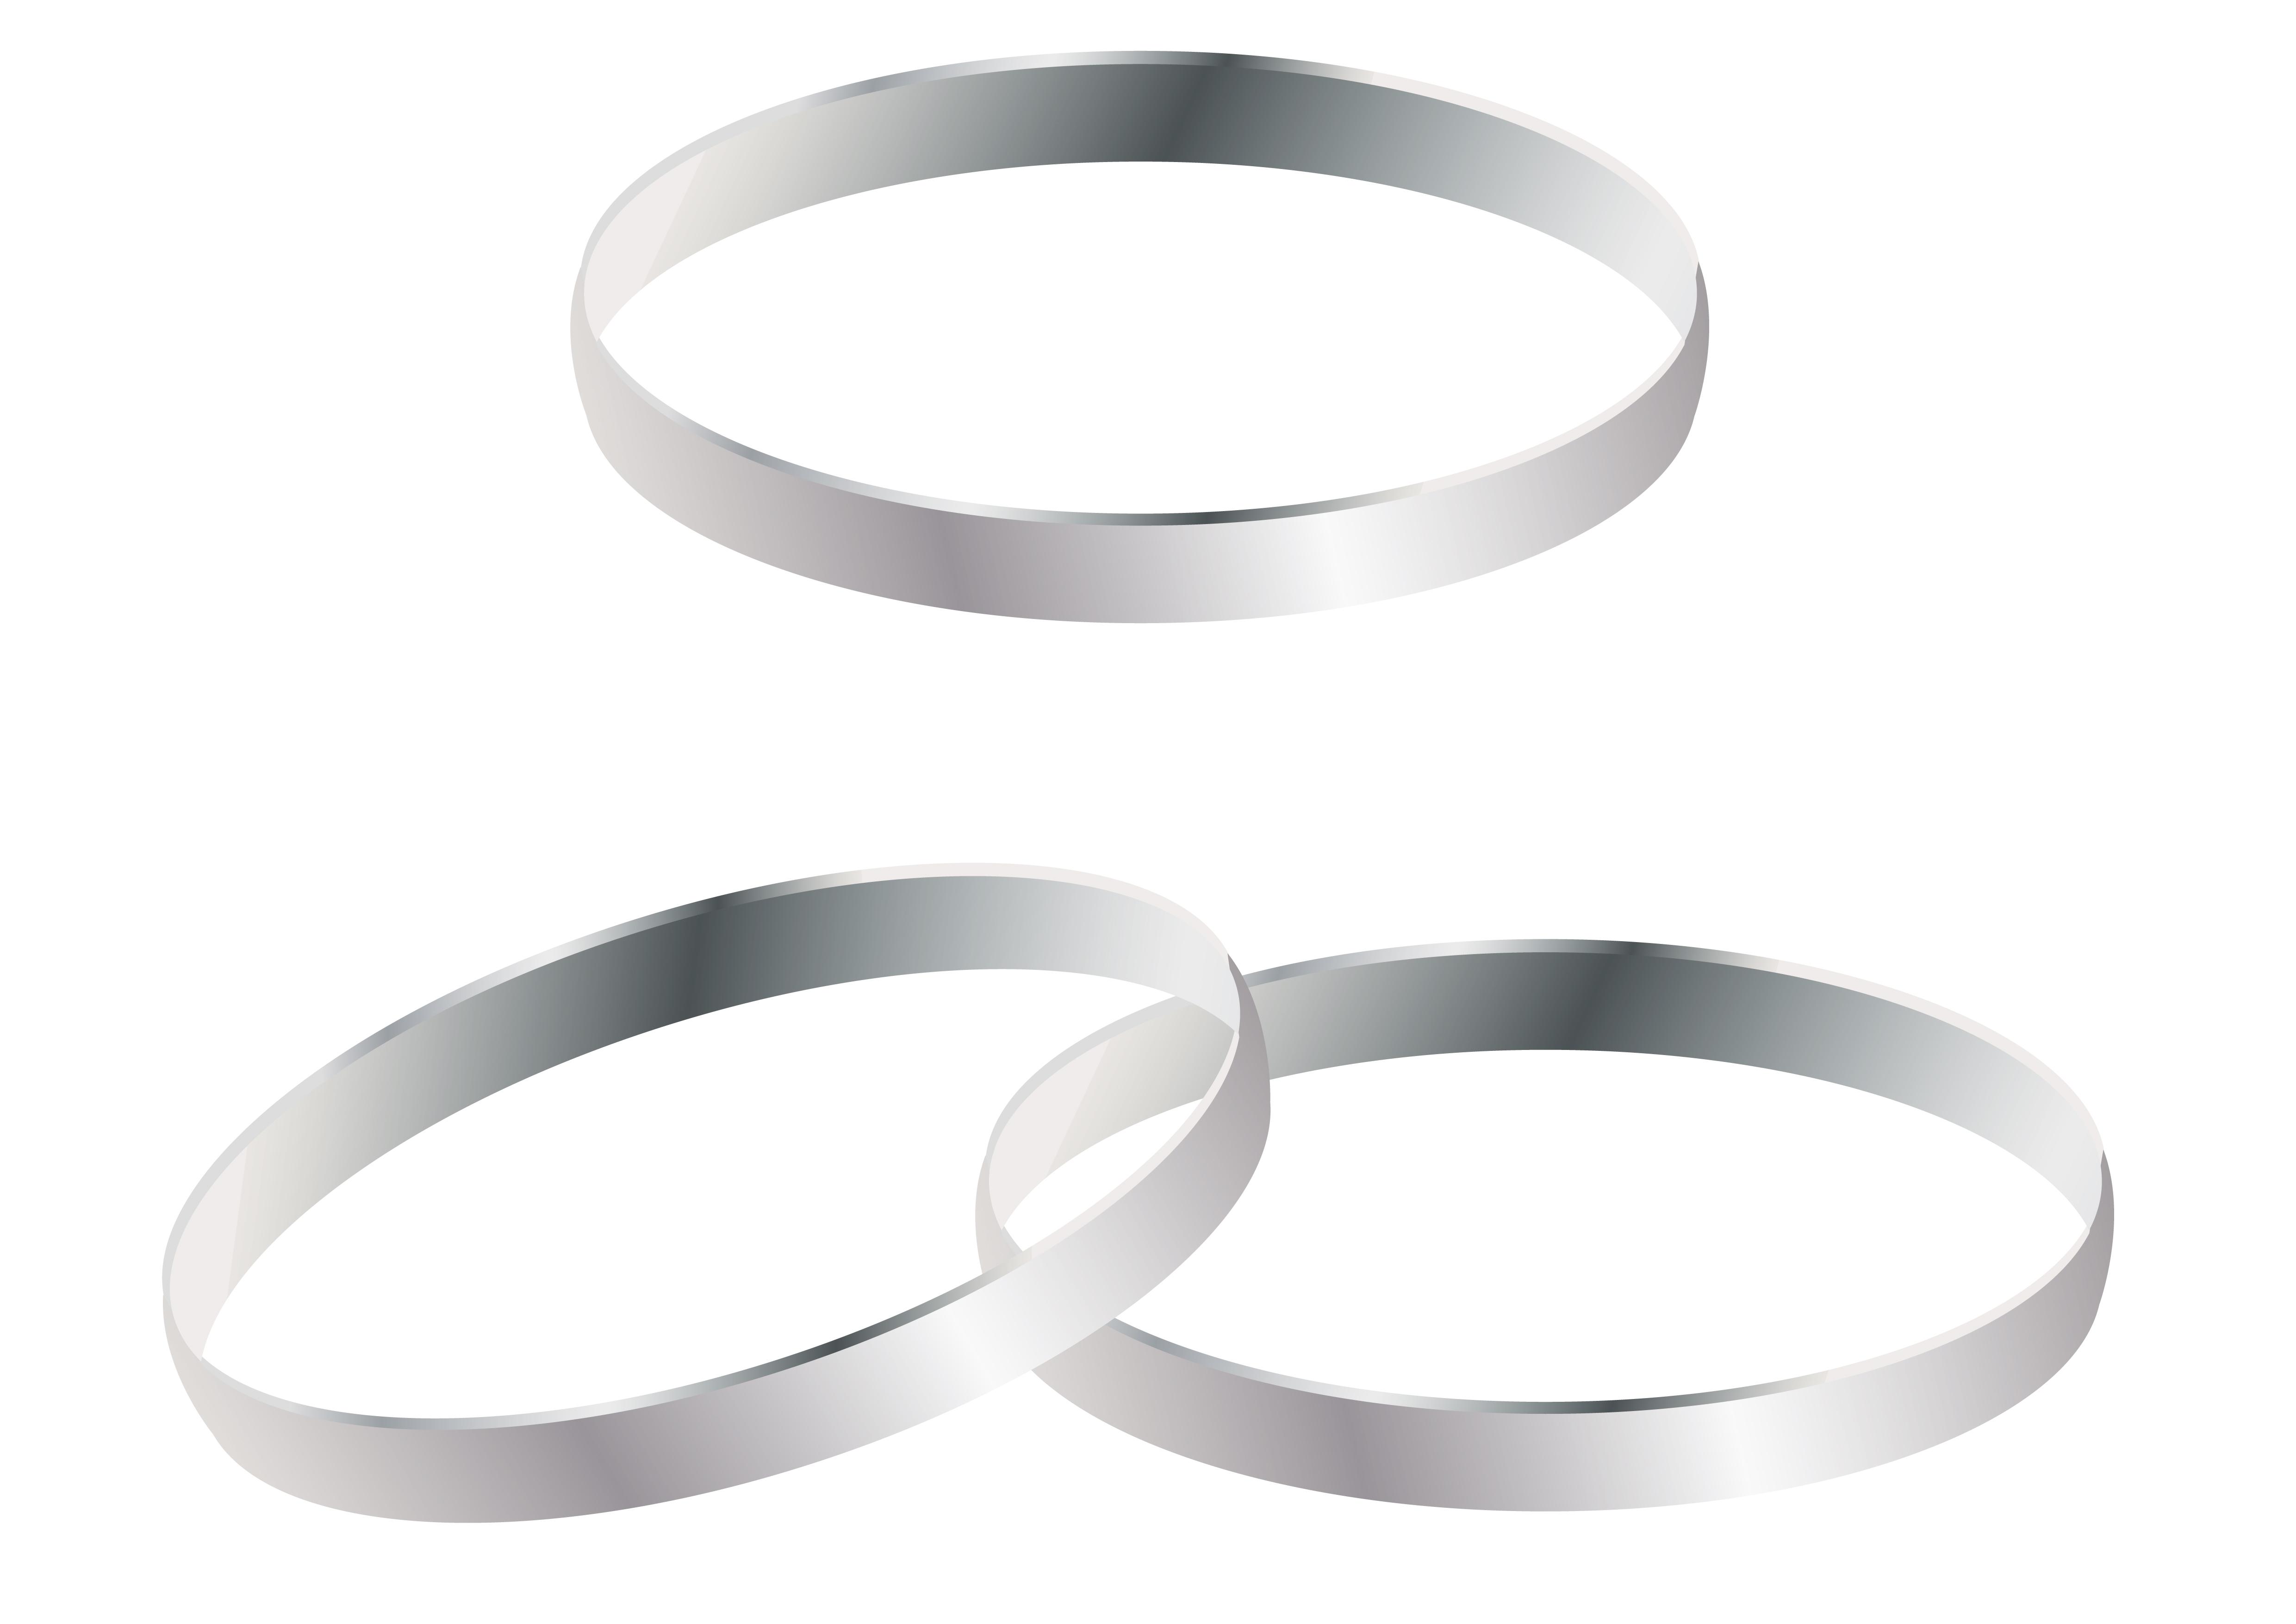 ストレートの結婚指輪(マリッジリング)とは